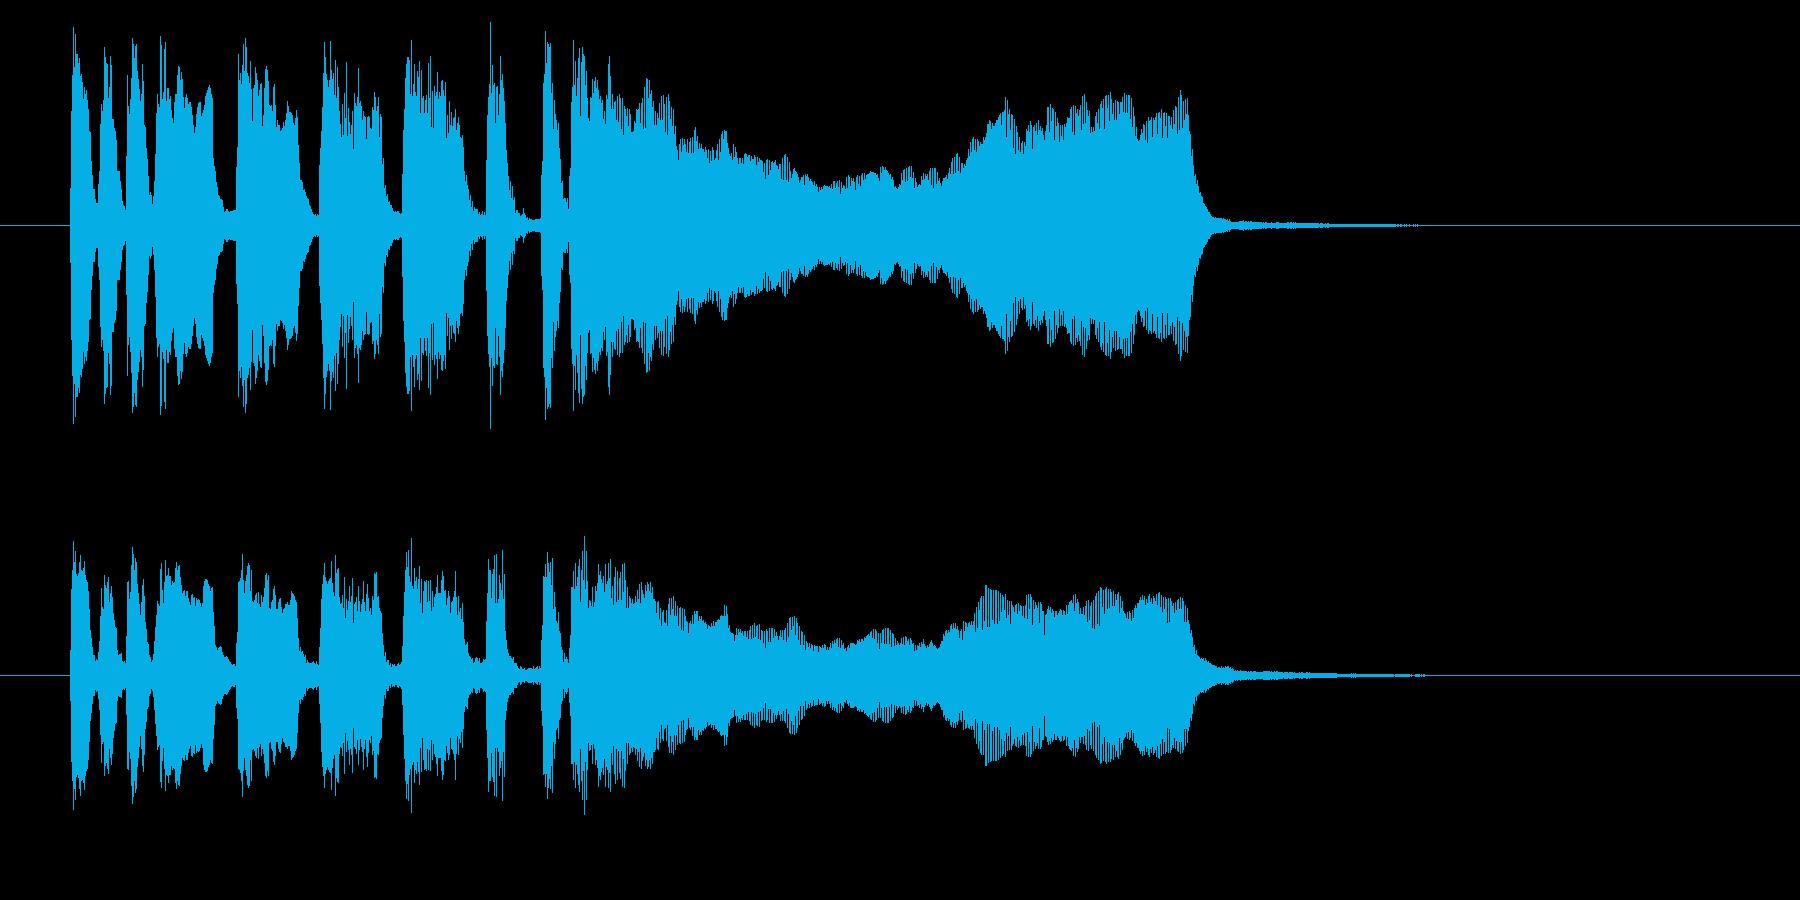 テテテテー!高音ブラス系のファンファーレの再生済みの波形